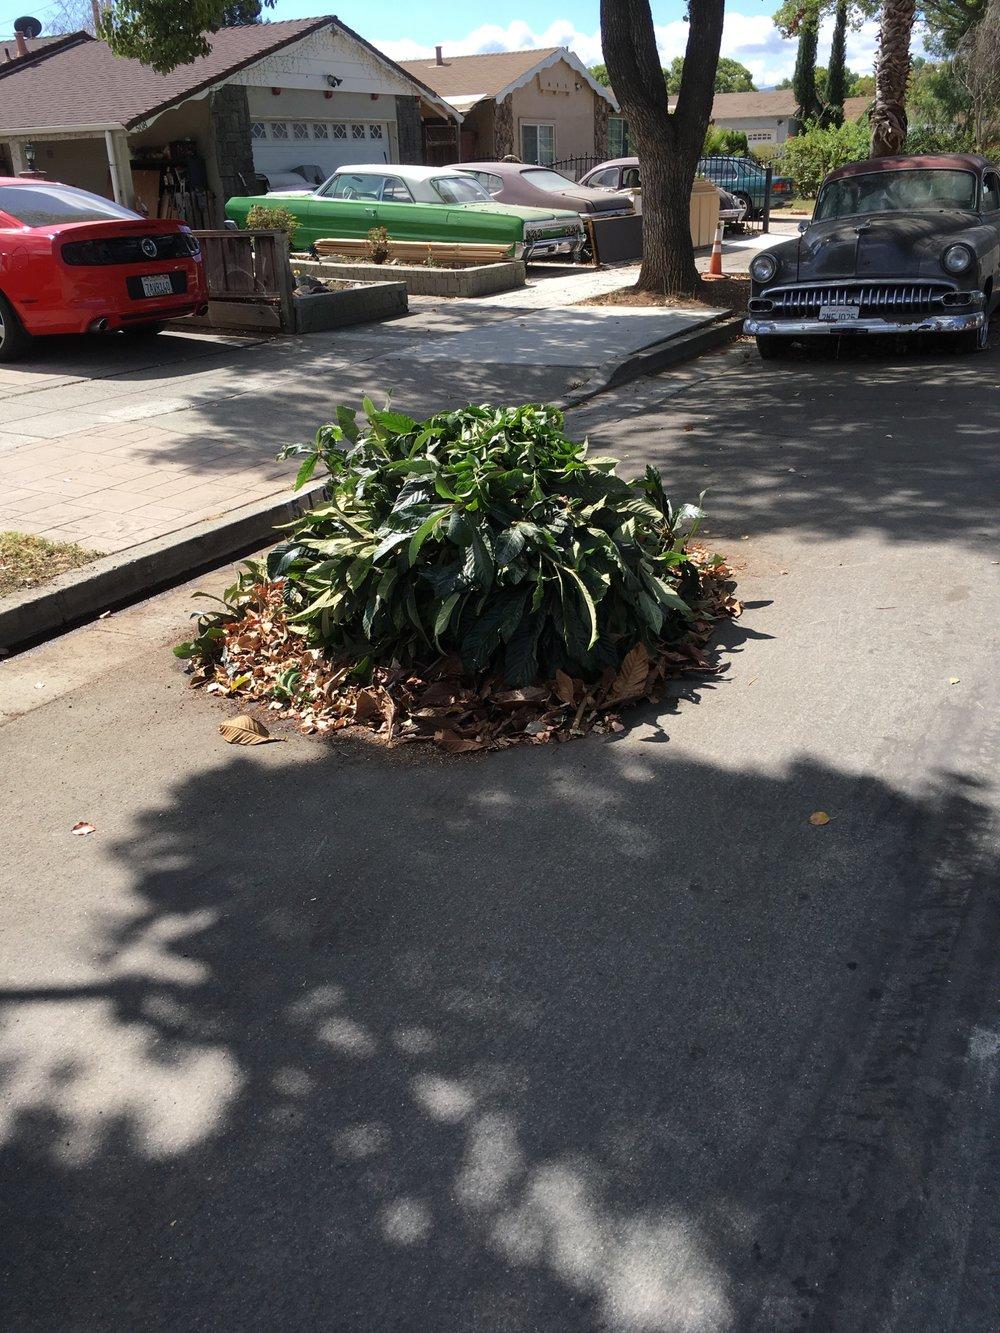 yard waste, Fairgrounds neighborhood